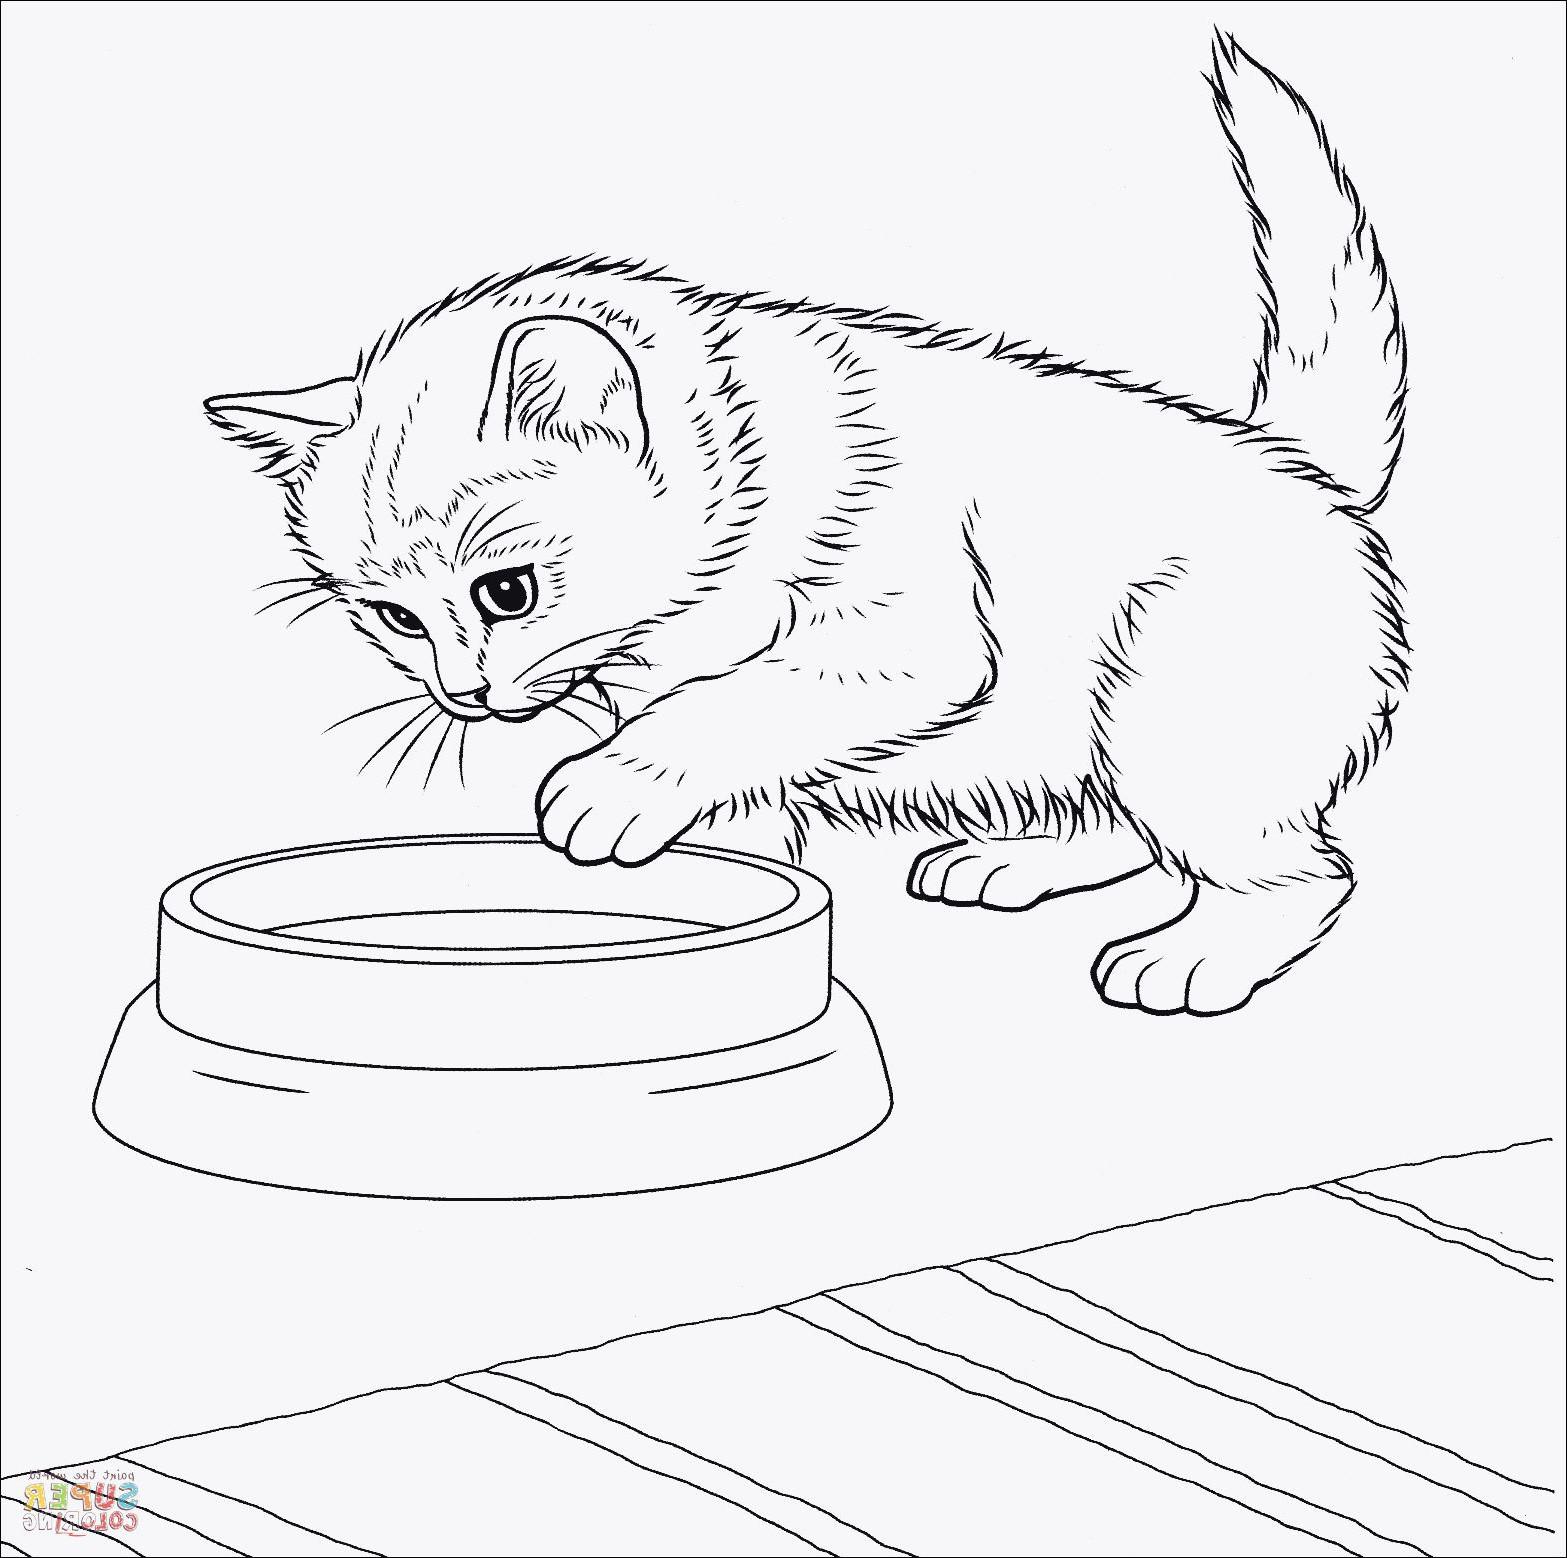 Dragons Auf Zu Neuen Ufern Ausmalbilder Einzigartig 27 Neu Katzen Ausmalbilder – Malvorlagen Ideen Bilder